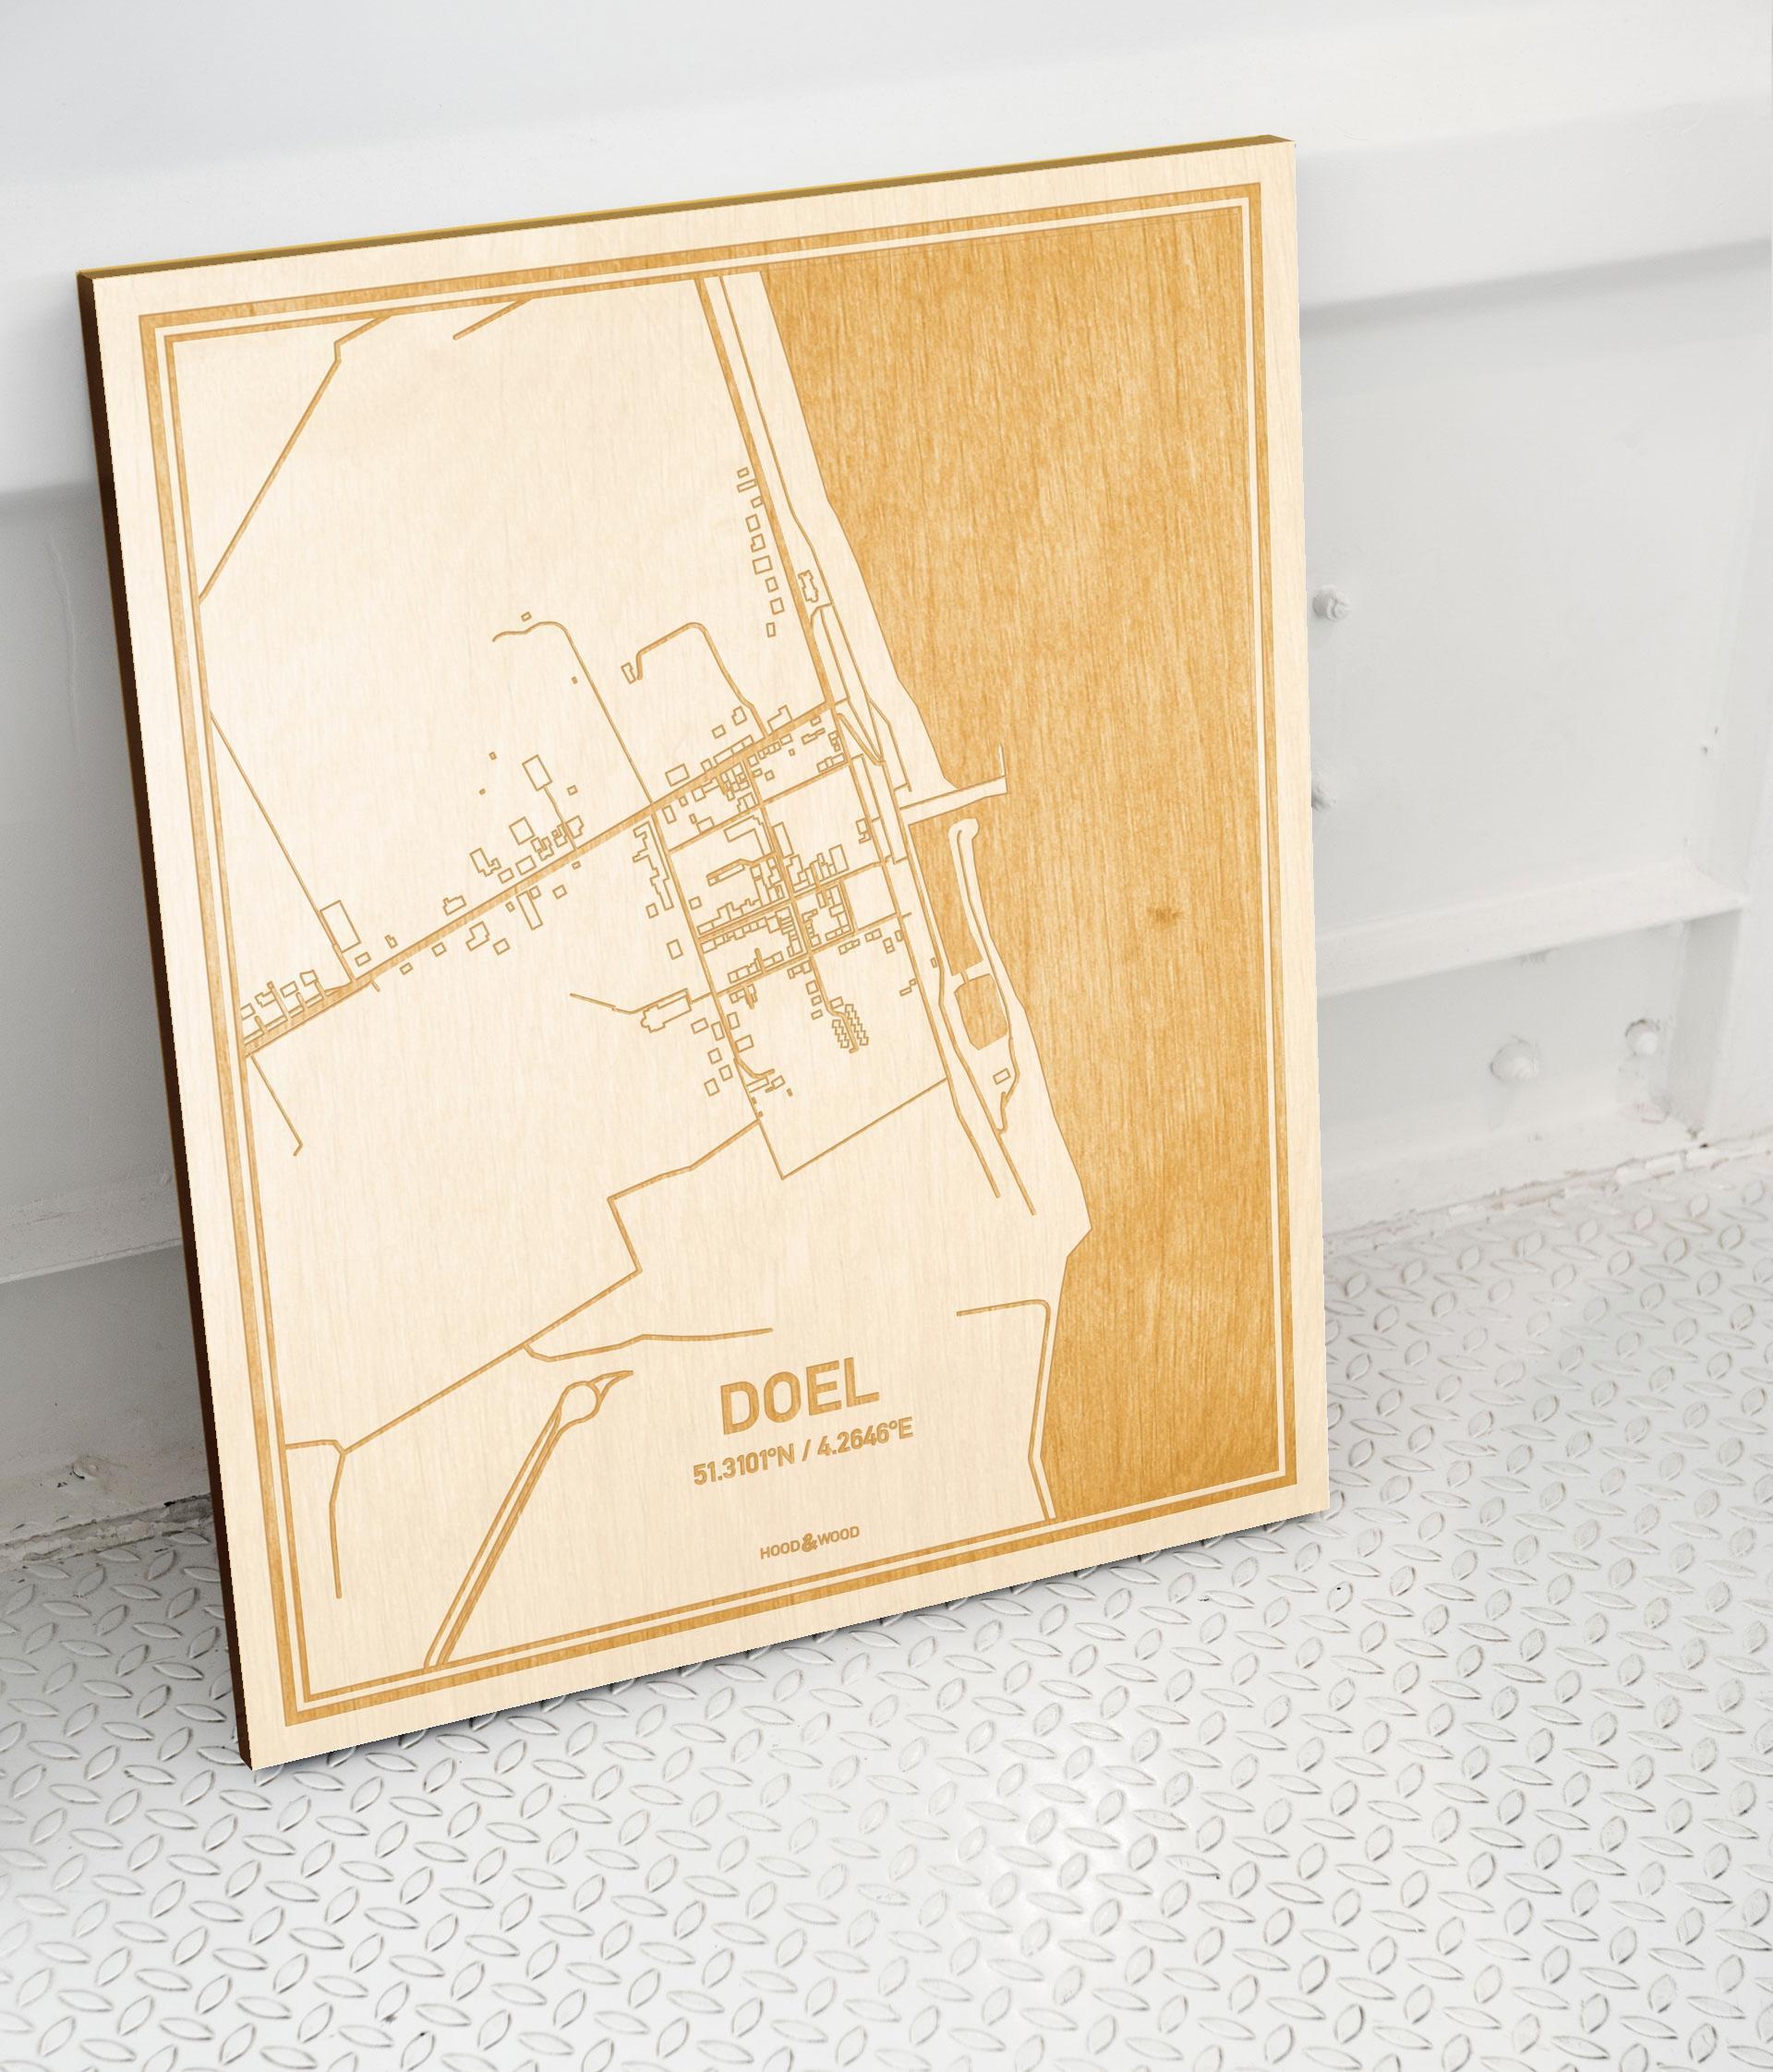 Plattegrond Doel als prachtige houten wanddecoratie. Het warme hout contrasteert mooi met de witte muur.